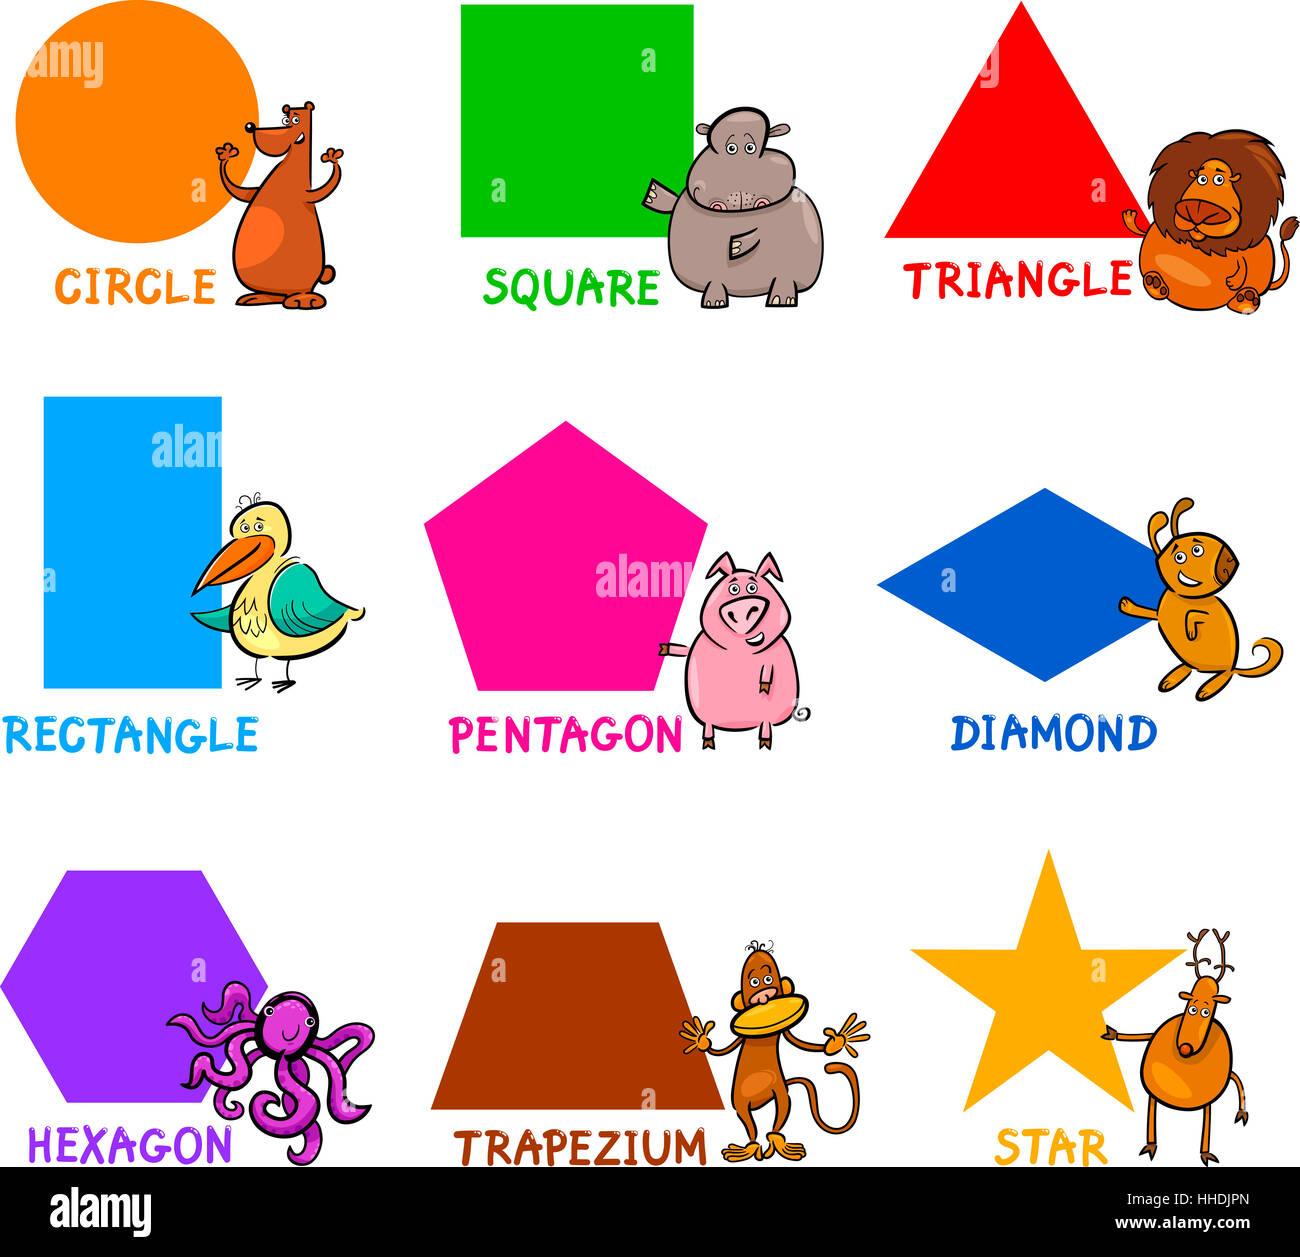 Basic Square Circle Triangle Diamond Stock Photos Amp Basic